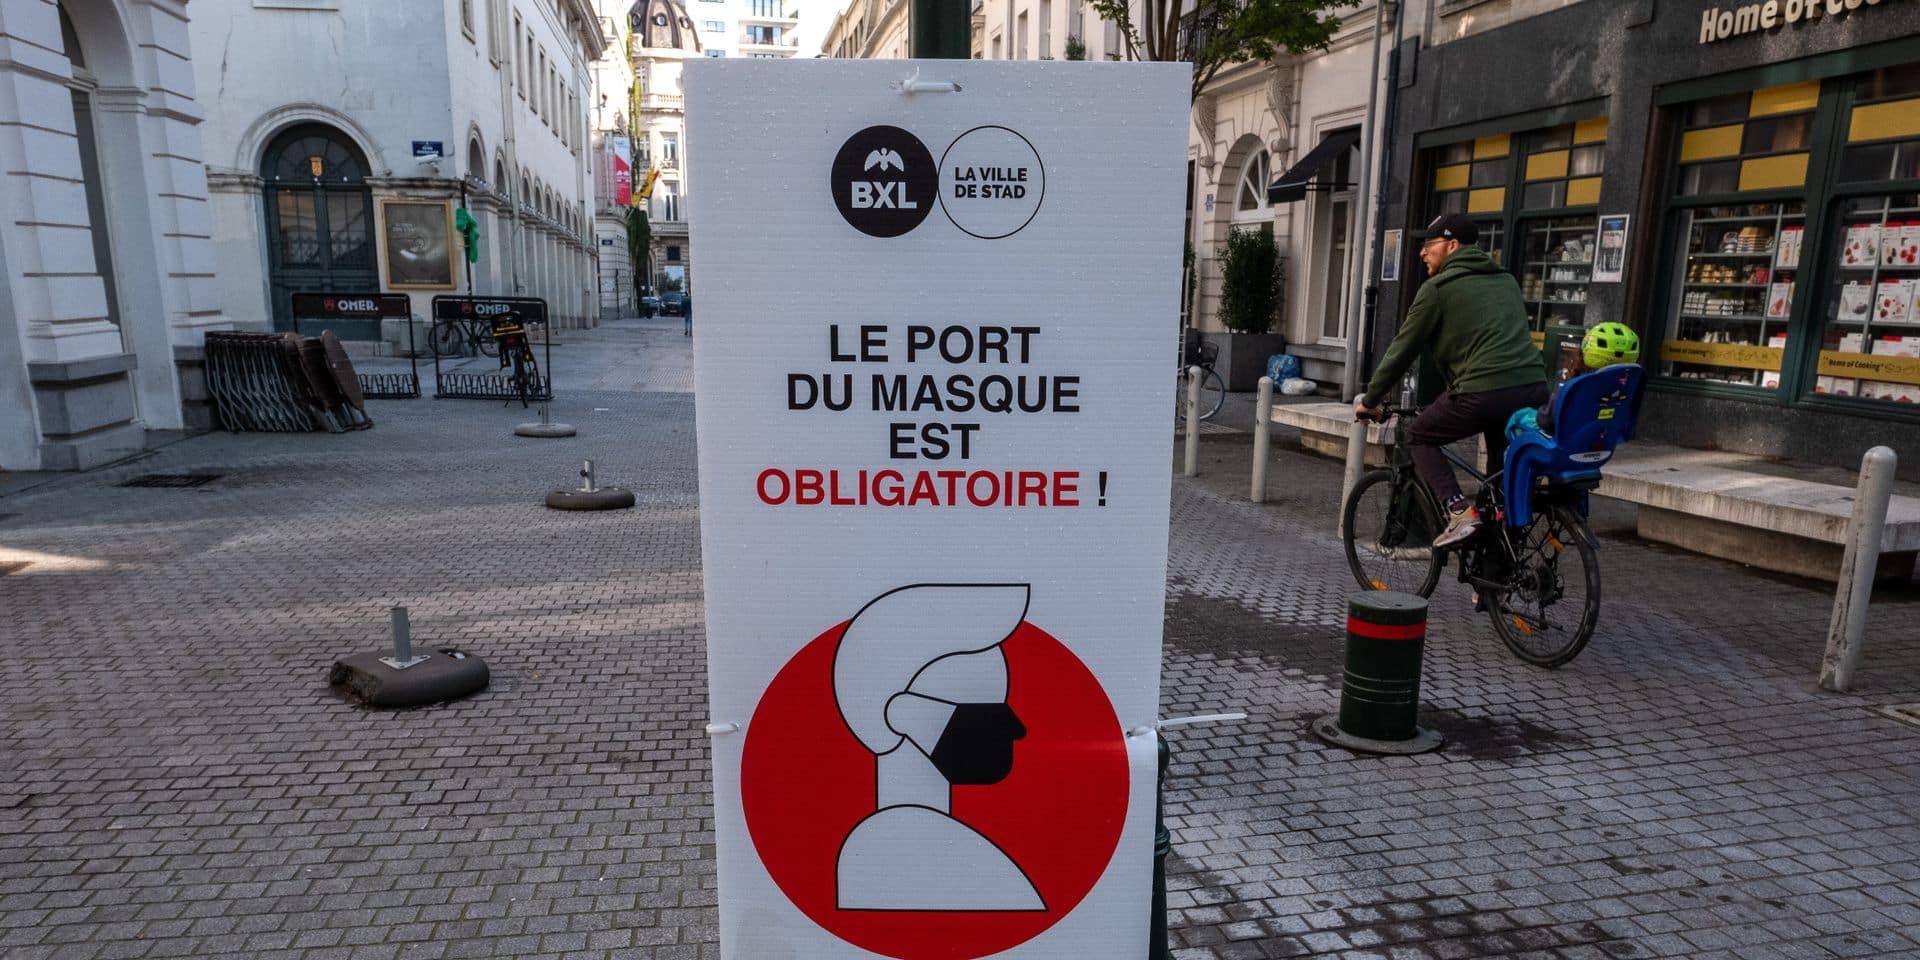 """Le Belge francophone inquiet des conséquences sur ses droits fondamentaux: """"Beaucoup de gens se disent que ces restrictions doivent rester temporaires"""""""